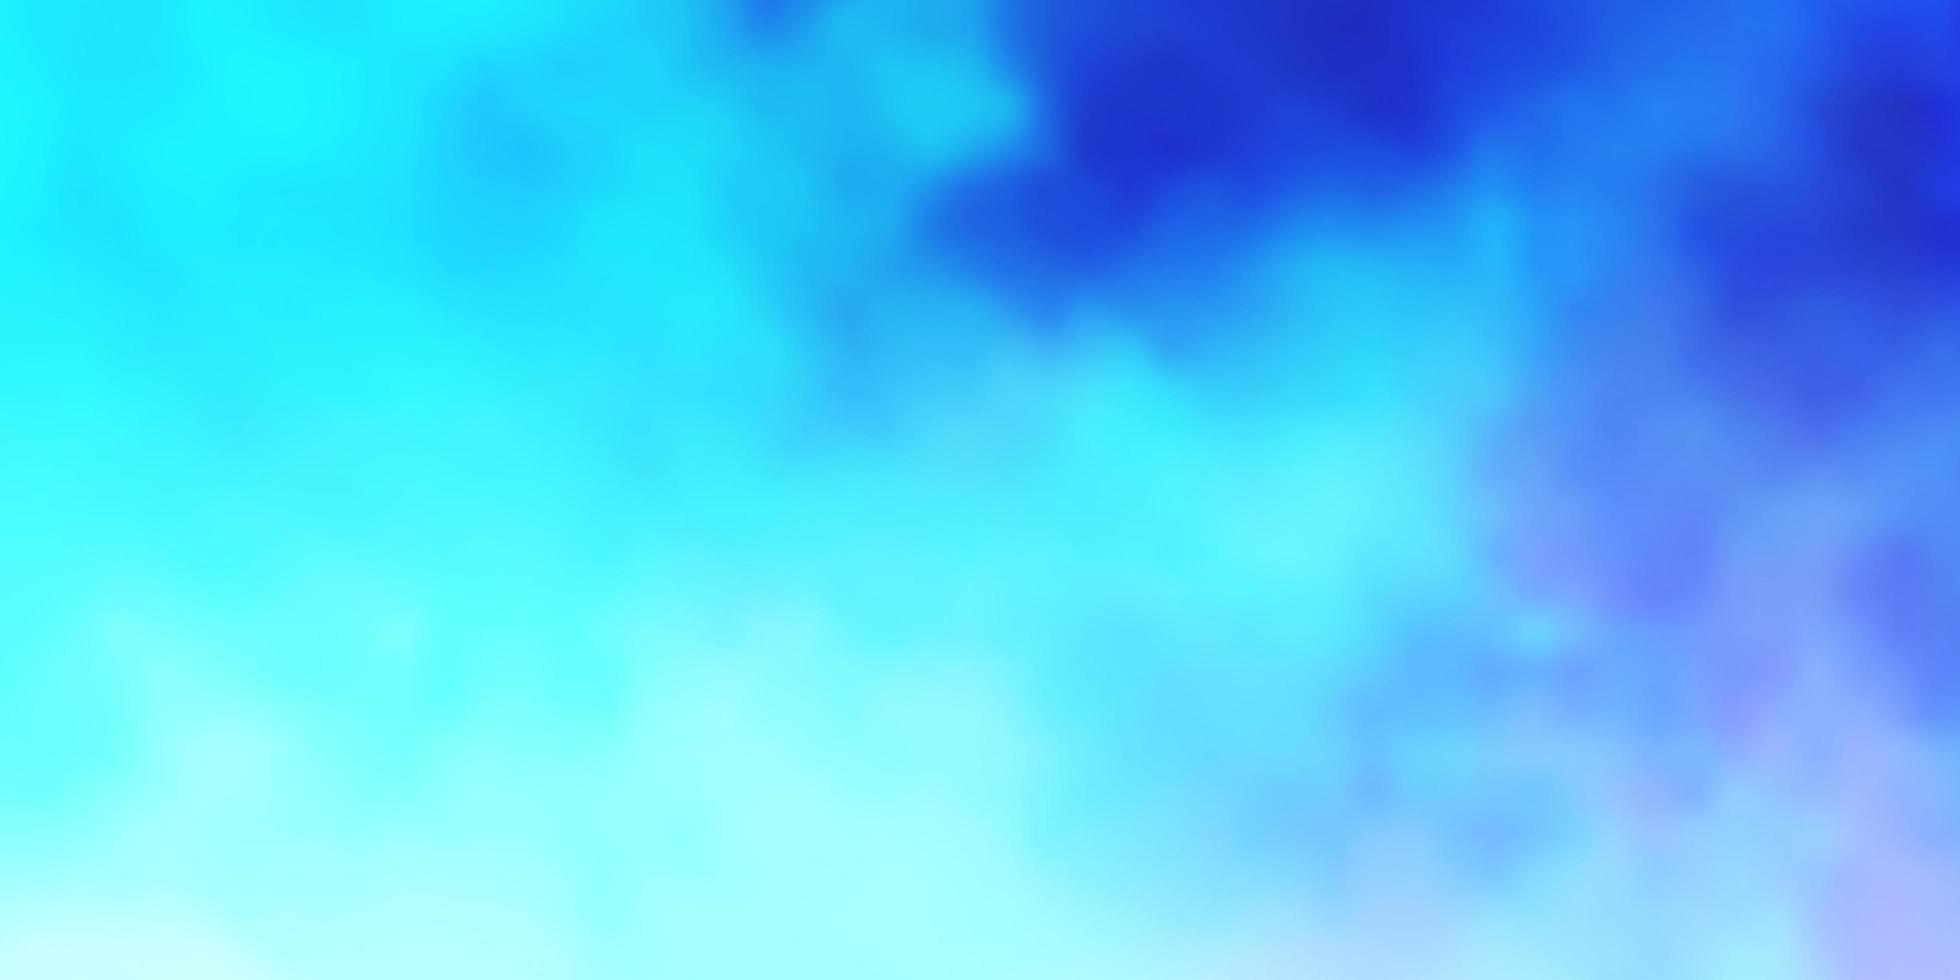 ljusblått mönster med moln. vektor